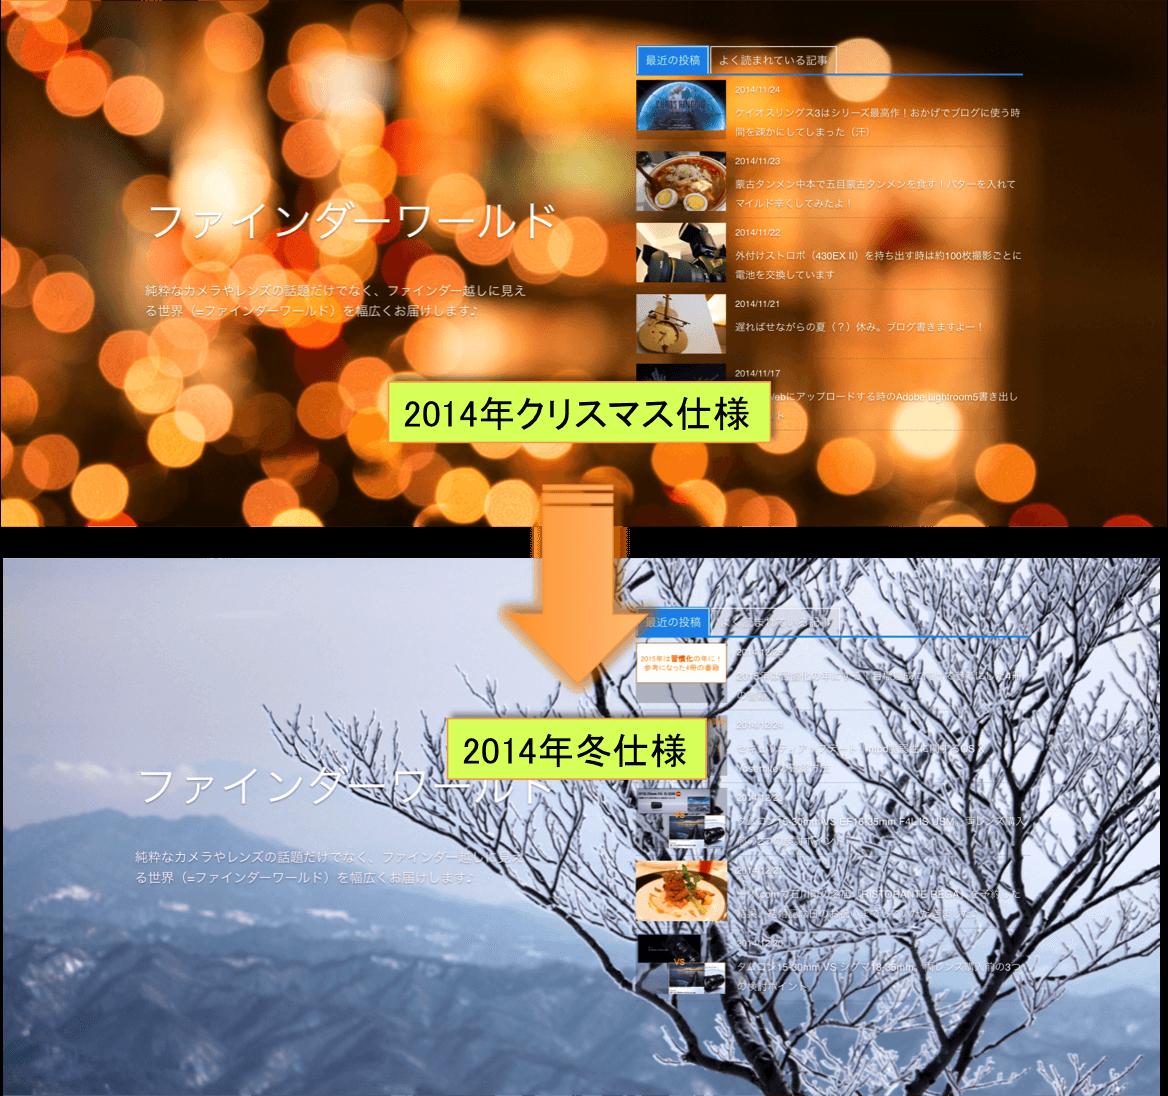 (2014クリスマス→2014冬仕様に衣替え♪)DigiPressの「GRAPHIE」でブログテーマの季節を演出